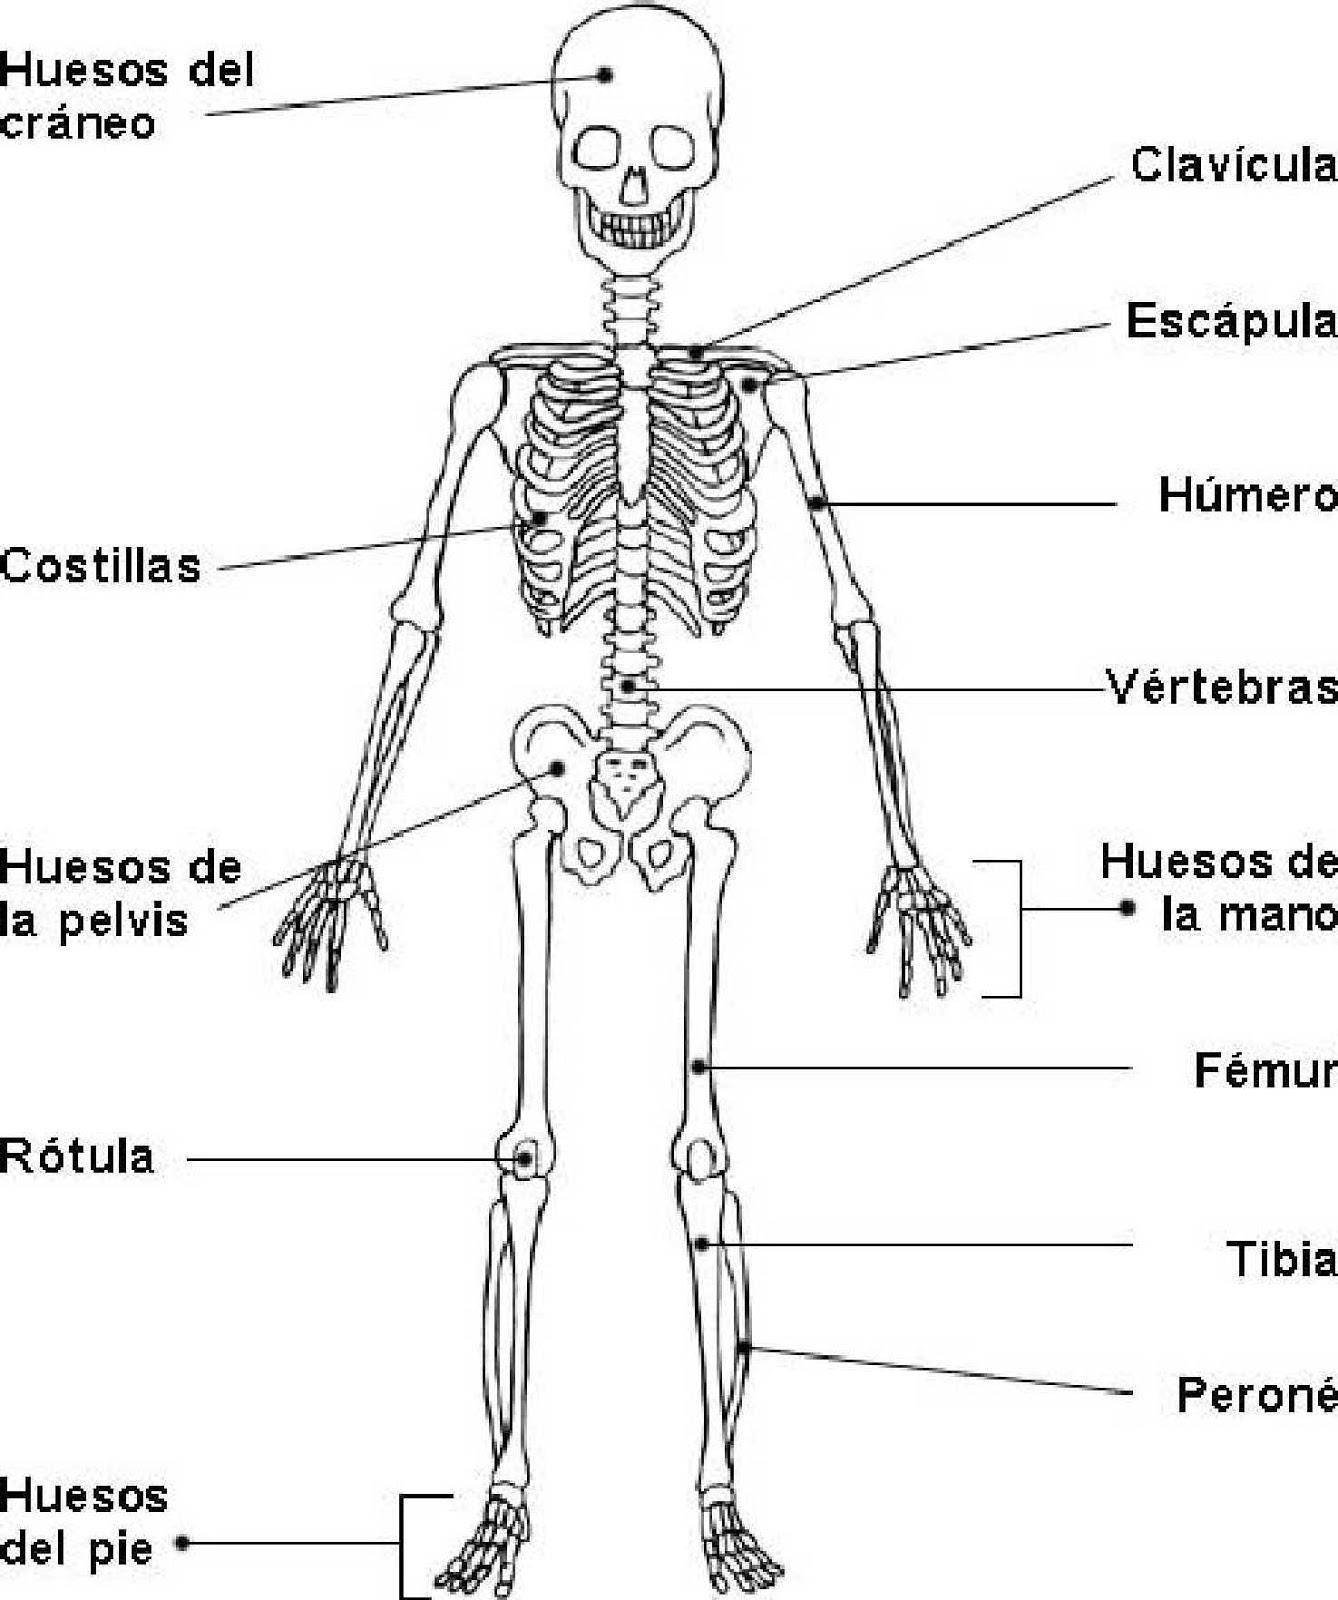 Único Gráfico De Huesos Humanos Imágenes - Anatomía de Las ...